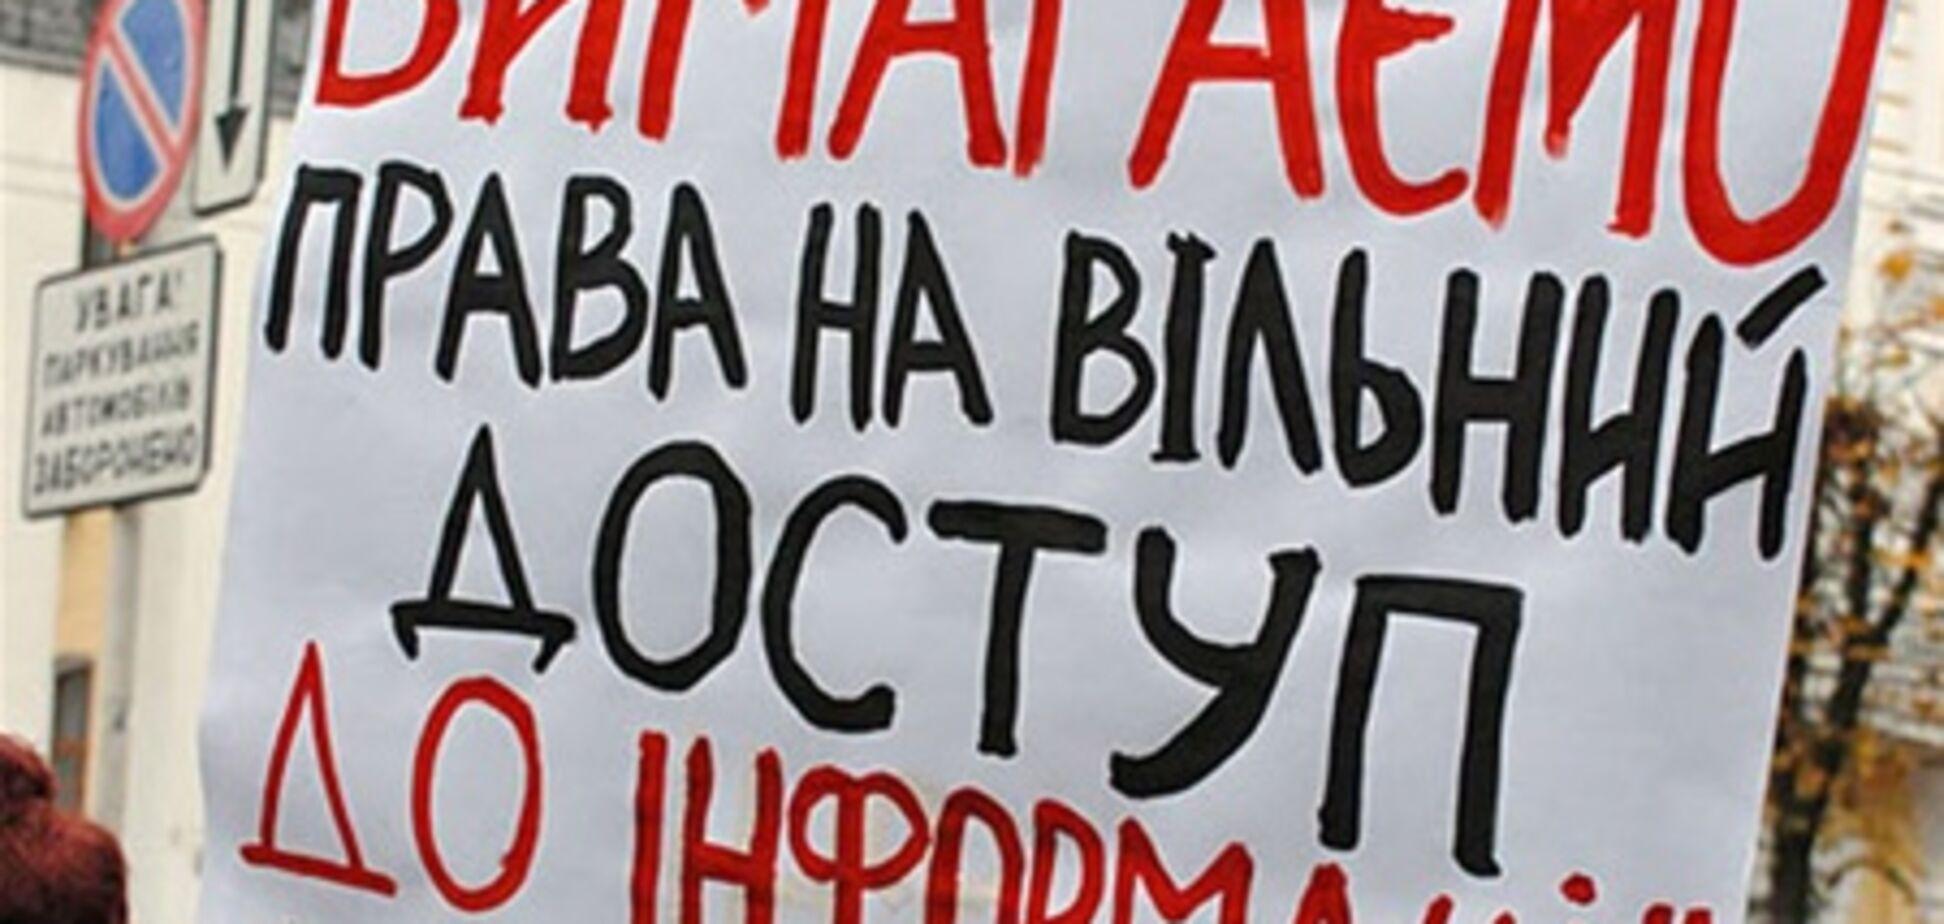 МВД Украины и публичность - антонимы. Документы